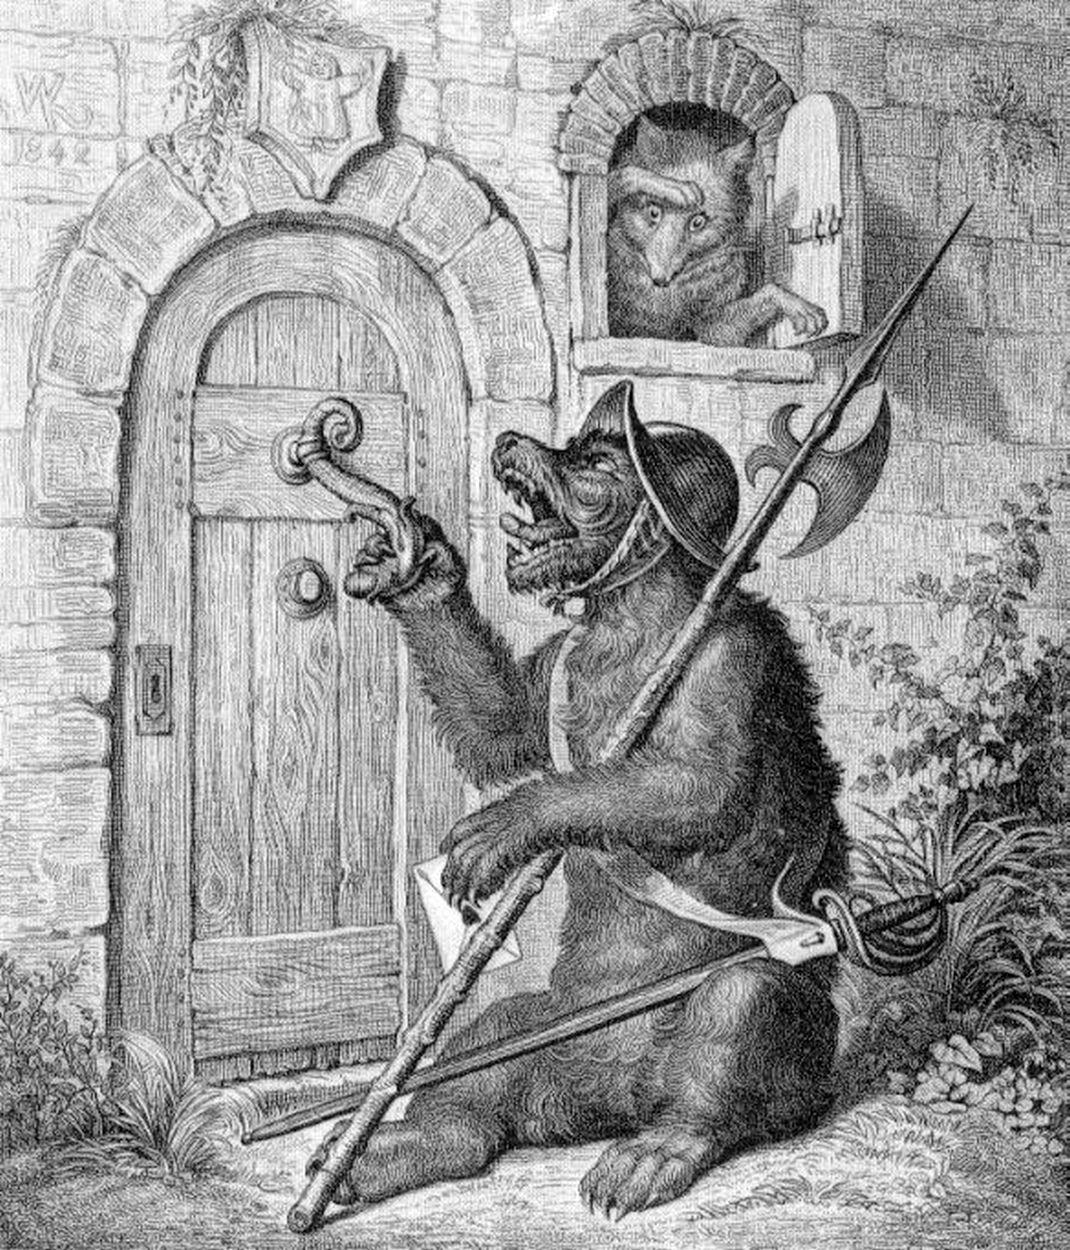 Bruun de beer bij Malpertuus (Goethe, Reineke Fuchs, 1846).